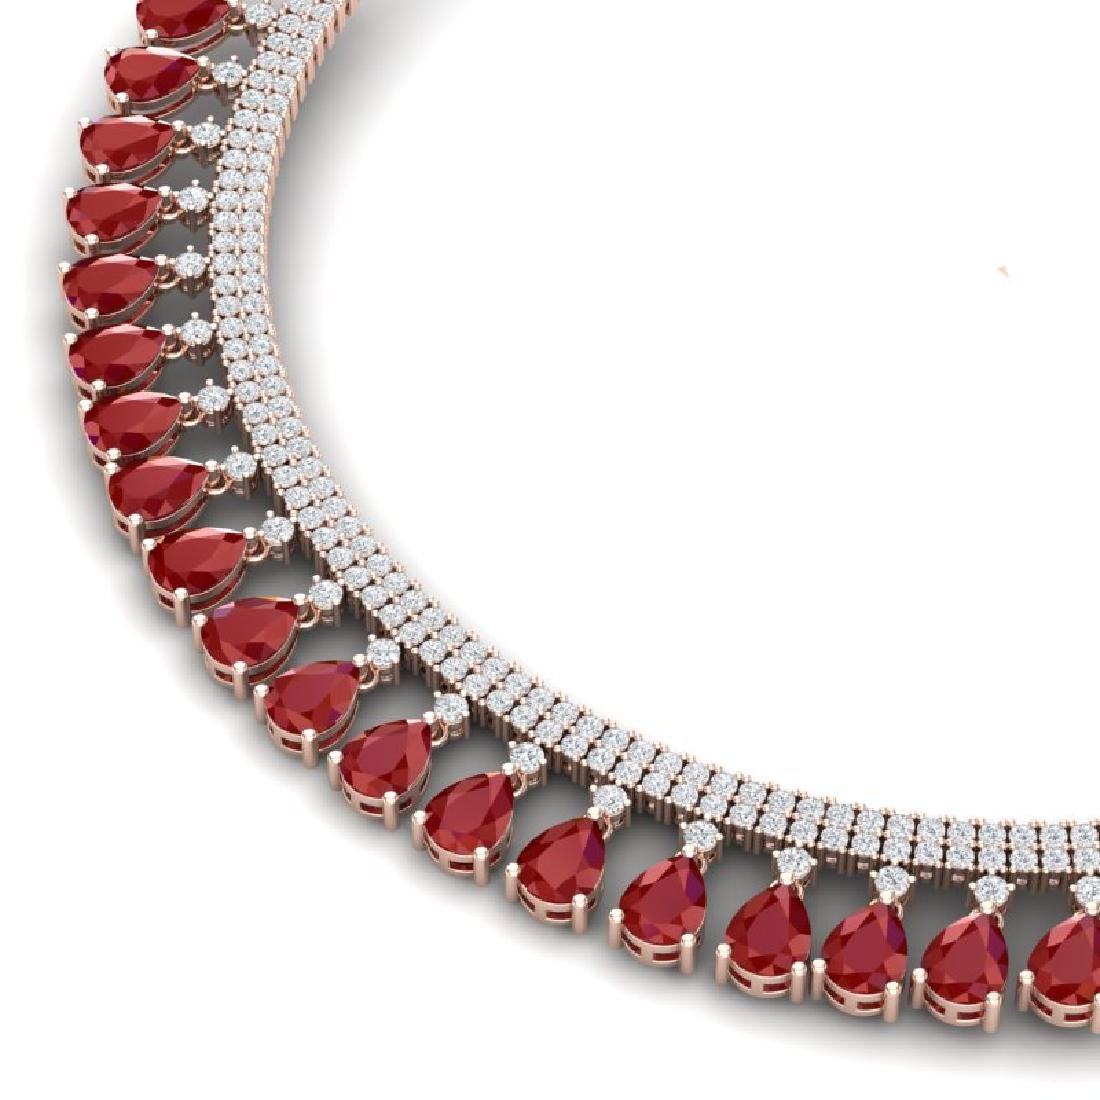 51.75 CTW Royalty Ruby & VS Diamond Necklace 18K Rose - 2